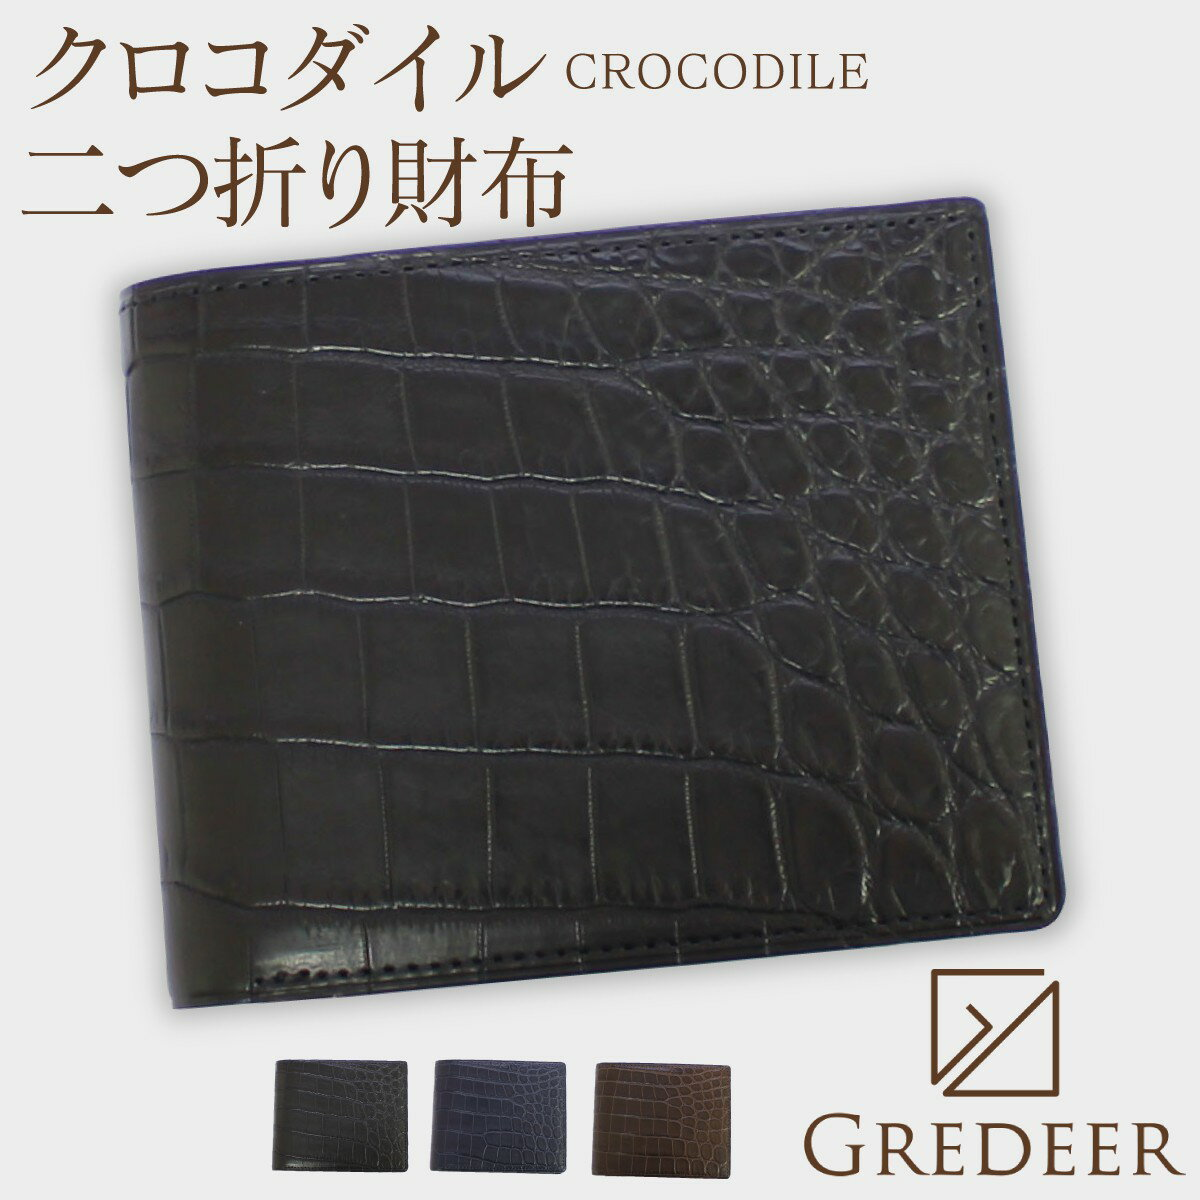 財布・ケース, メンズ財布  GREDEER GCKW002